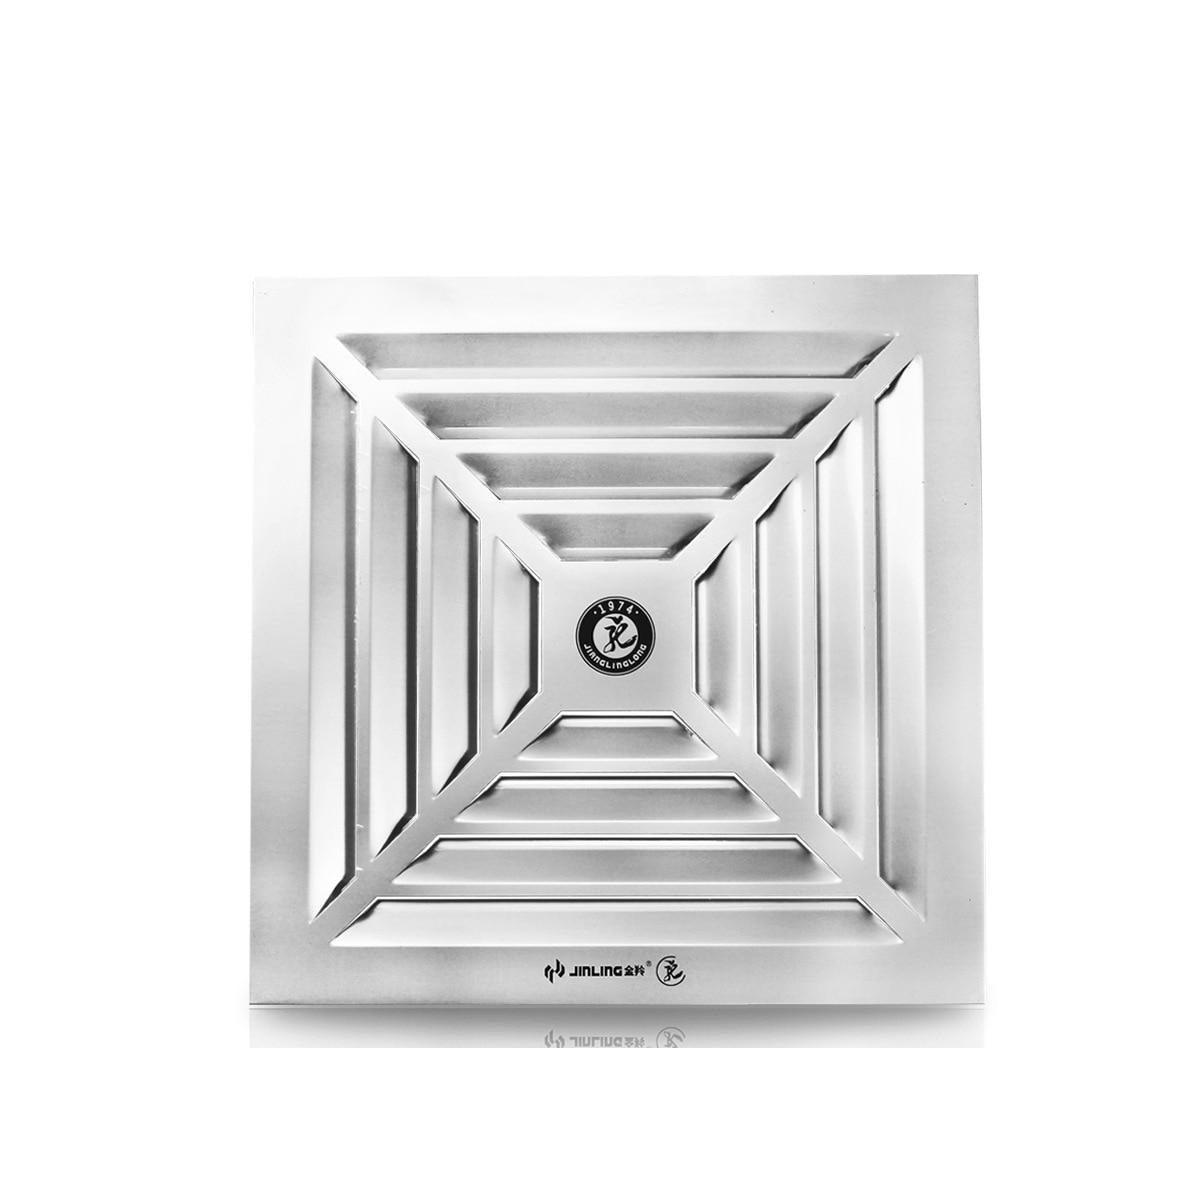 Badezimmer Deckenventilator Kaufen Billigbadezimmer, Badezimmer Ideen · Badezimmer  Abluftventilator ...